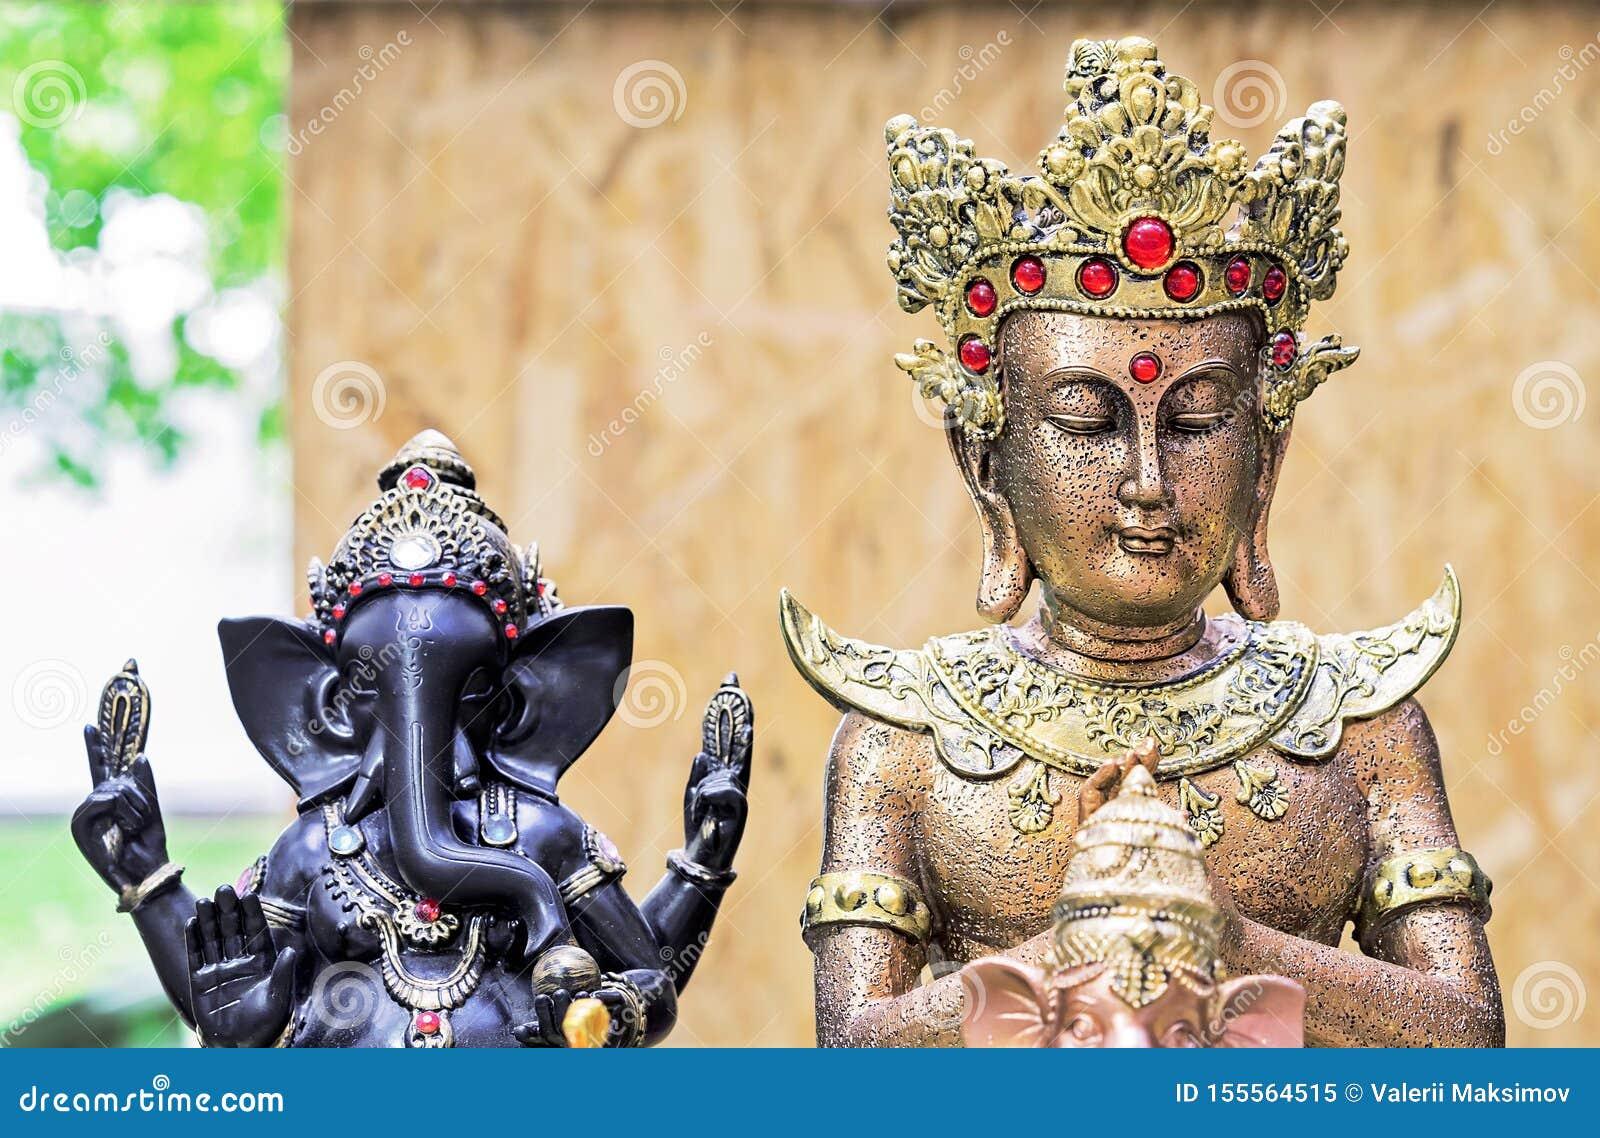 Buddha posążek w ulicznym pamiątkarskim sklepie Indiańscy pamiątkarscy posążki i rękodzieła